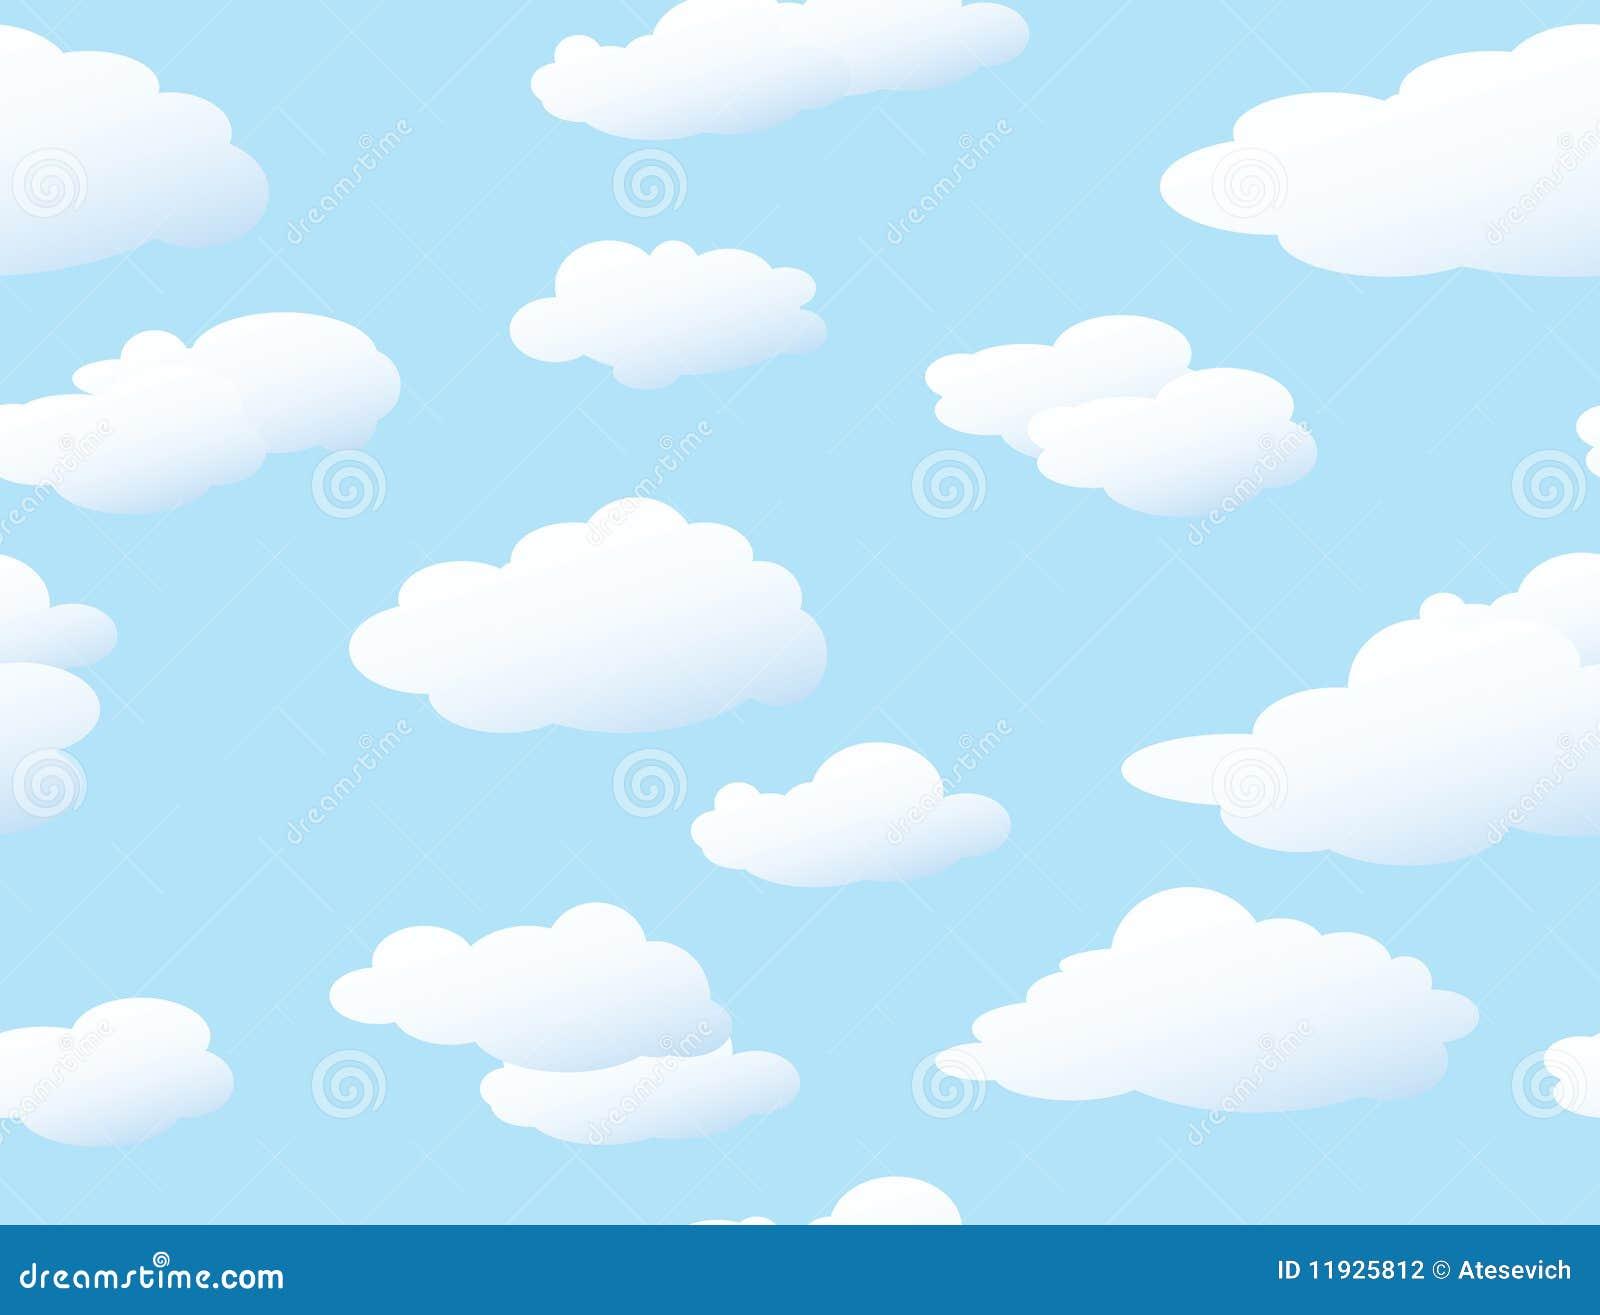 Fundo sem emenda das nuvens